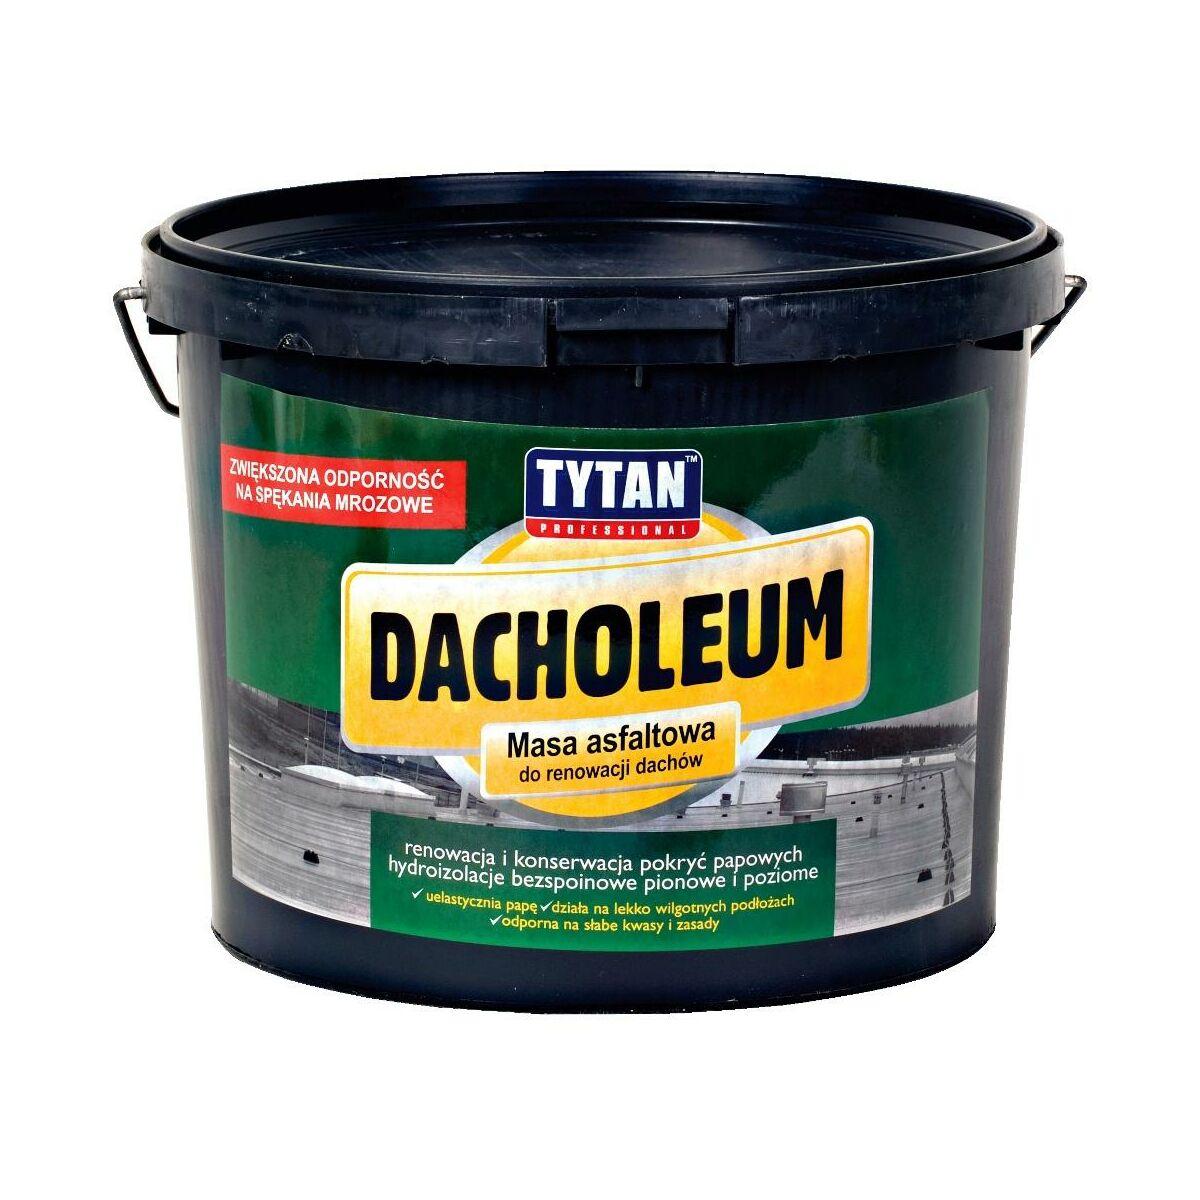 Masa Asfaltowa Do Renowacji Dachow Dacholeum 9 Kg Tytan Uszczelniacze Do Dachow W Atrakcyjnej Cenie W Sklepach Leroy Merlin